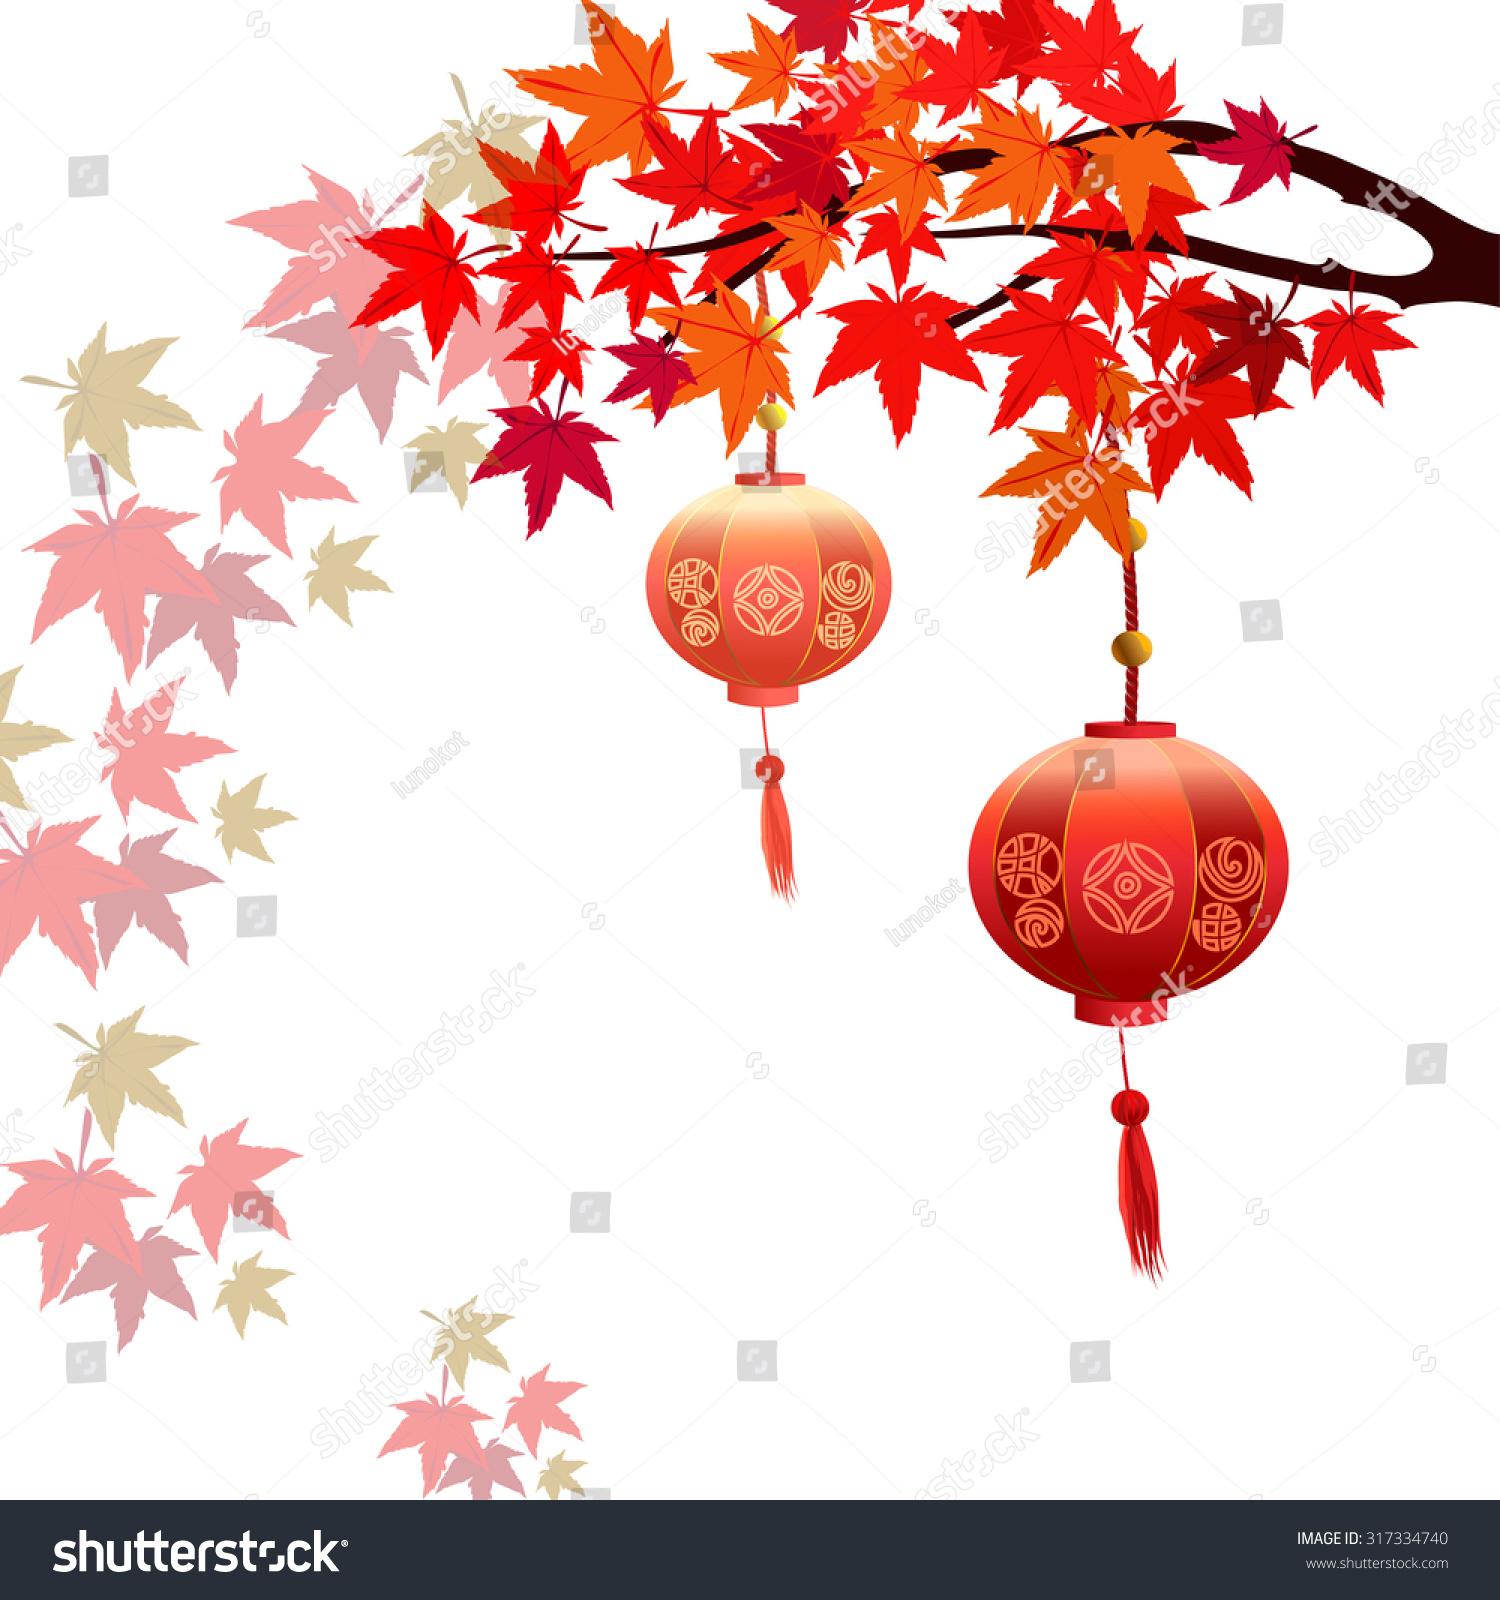 秋天的枫树的叶子是落后了.